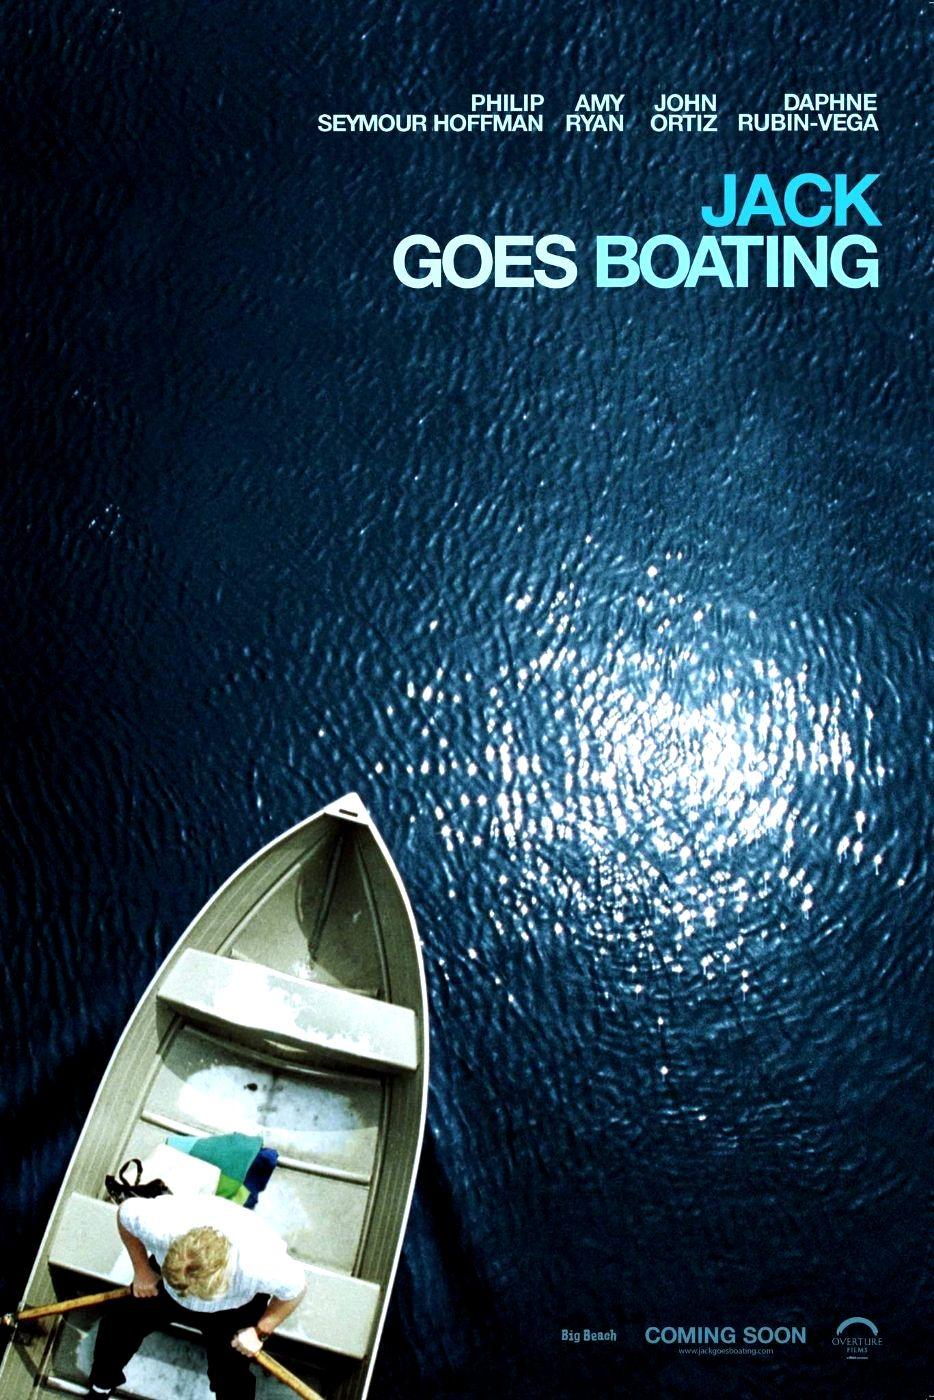 Джек отправляется в плаванье. Обложка с сайта imageshost.ru